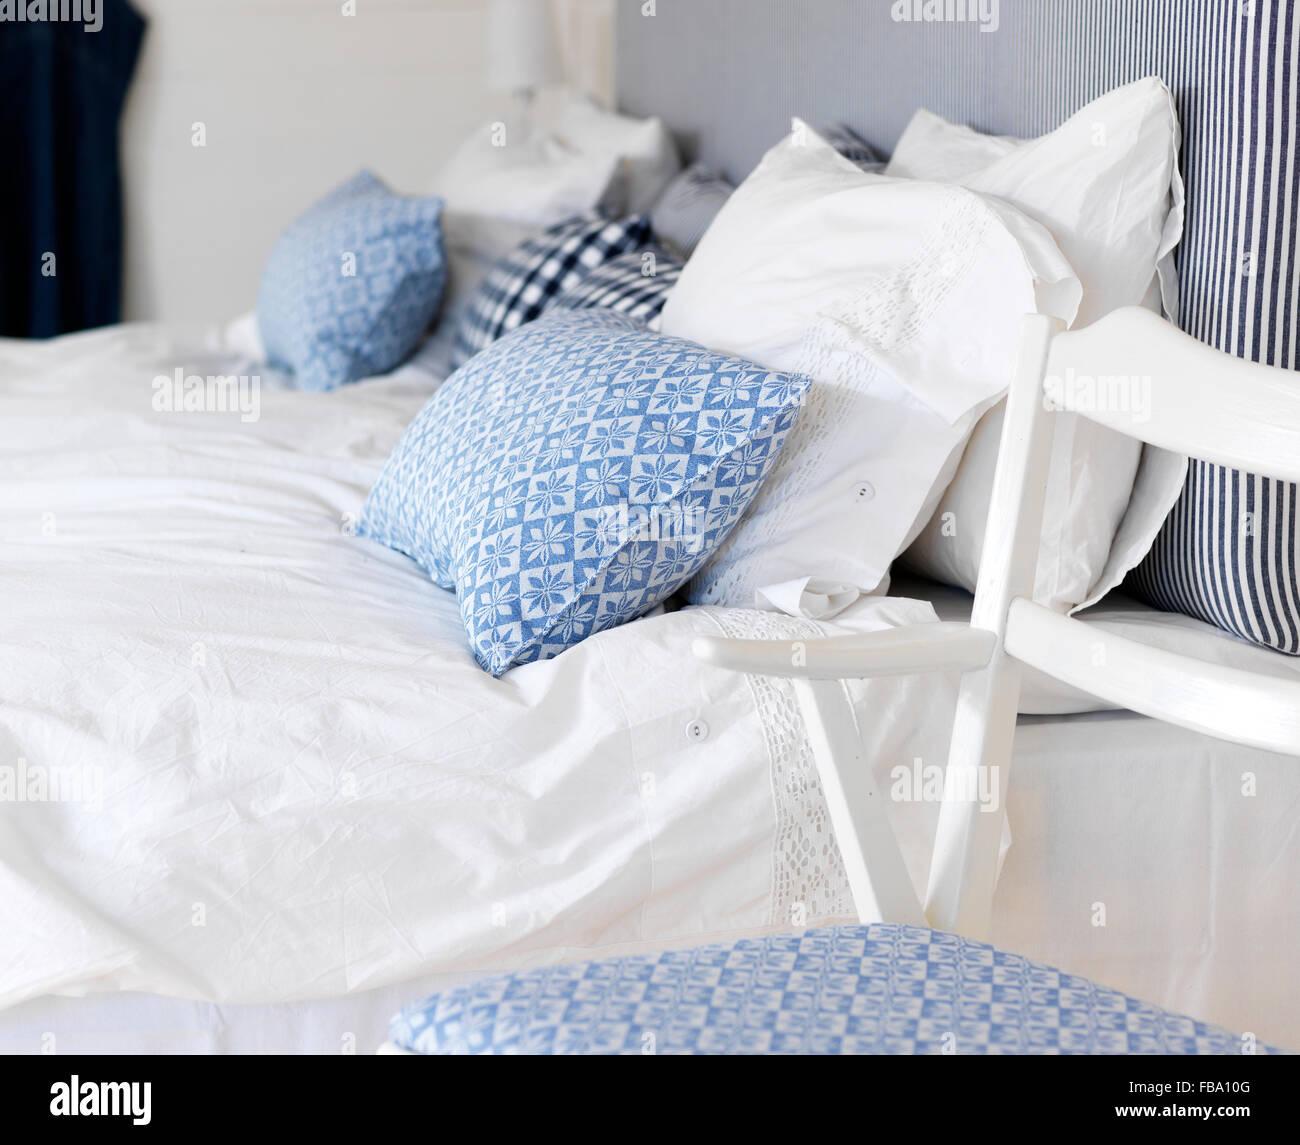 Suecia, dormitorio con temática azul y blanco Imagen De Stock